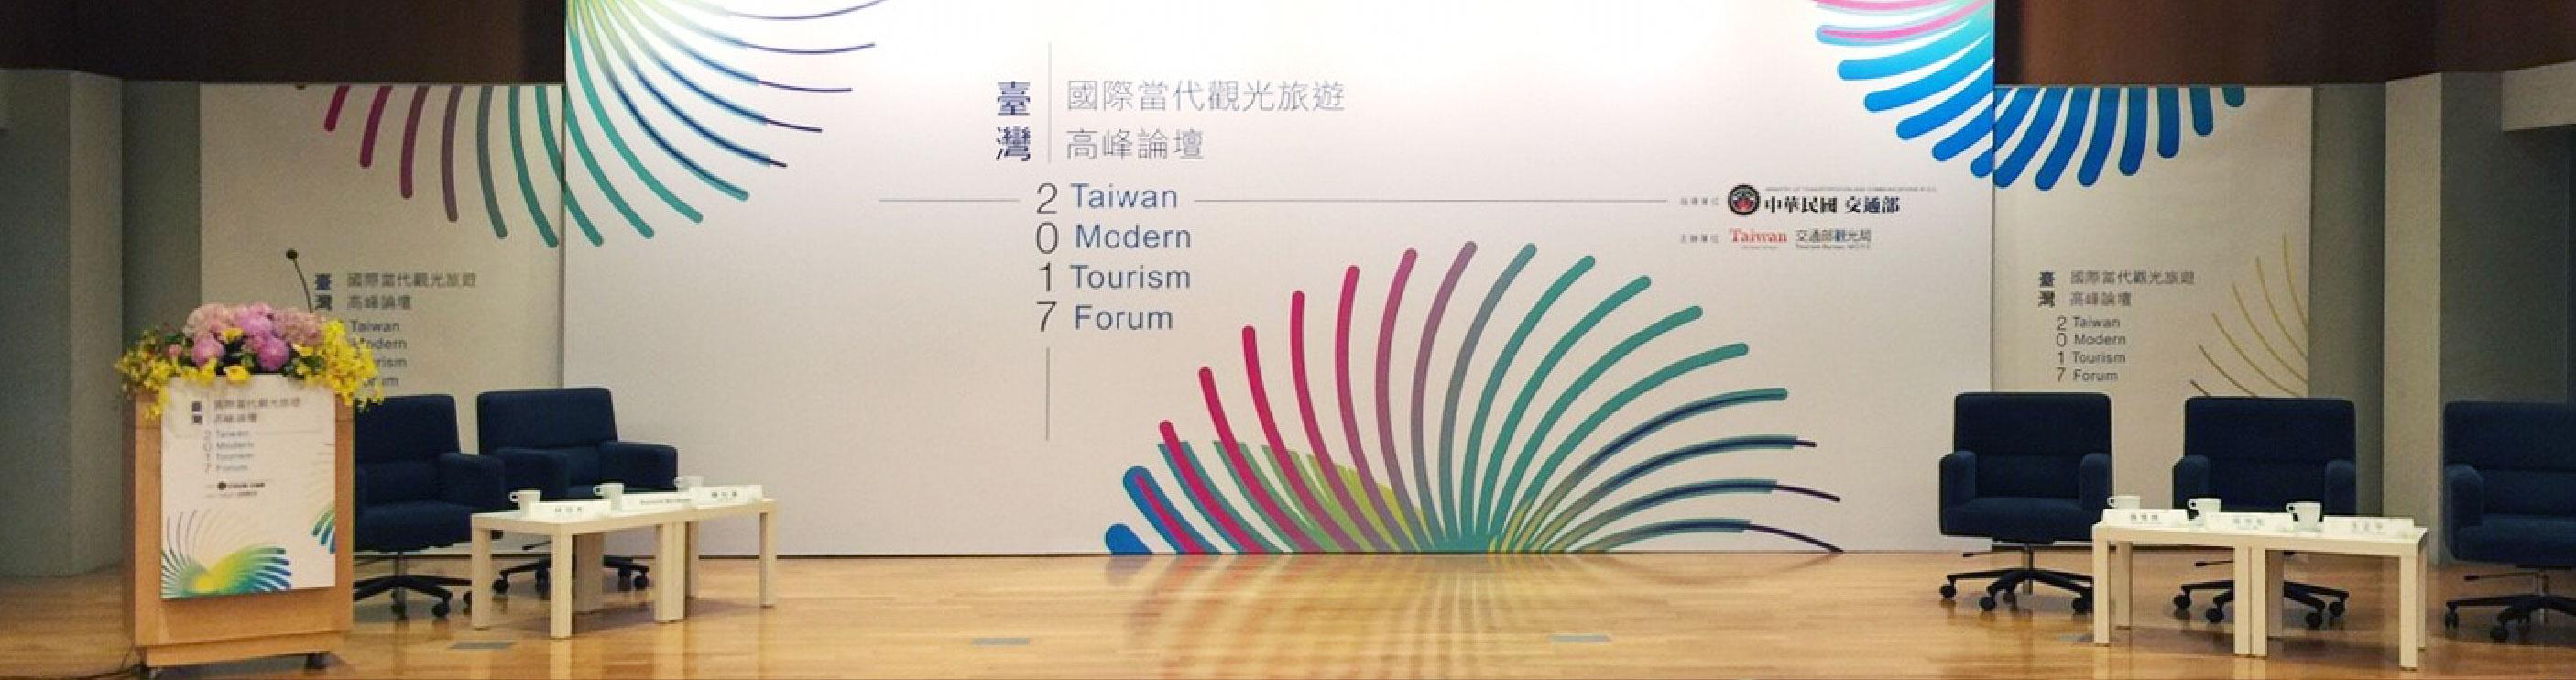 2017 台灣國際當代觀光旅遊高峰論壇